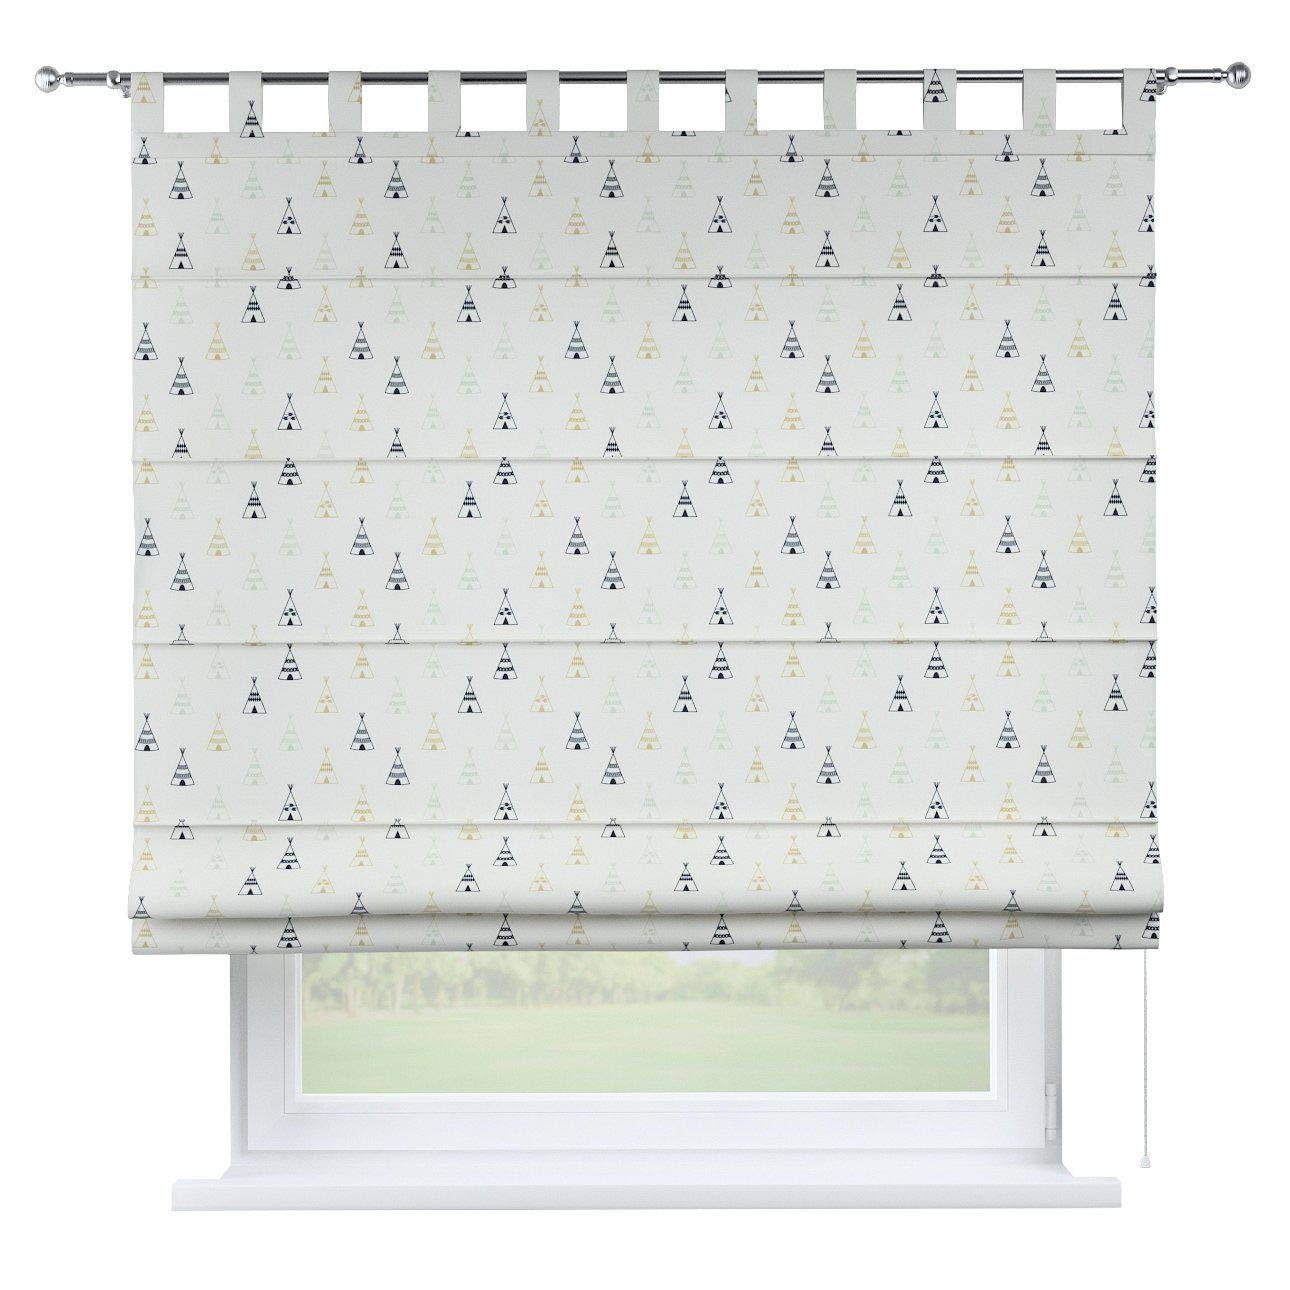 Dekoria Raffrollo Verona ohne Bohren Blickdicht Faltvorhang Raffgardine Wohnzimmer Schlafzimmer Kinderzimmer 100 × 170 cm weiß-schwarz-grau Raffrollos auf Maß maßanfertigung möglich